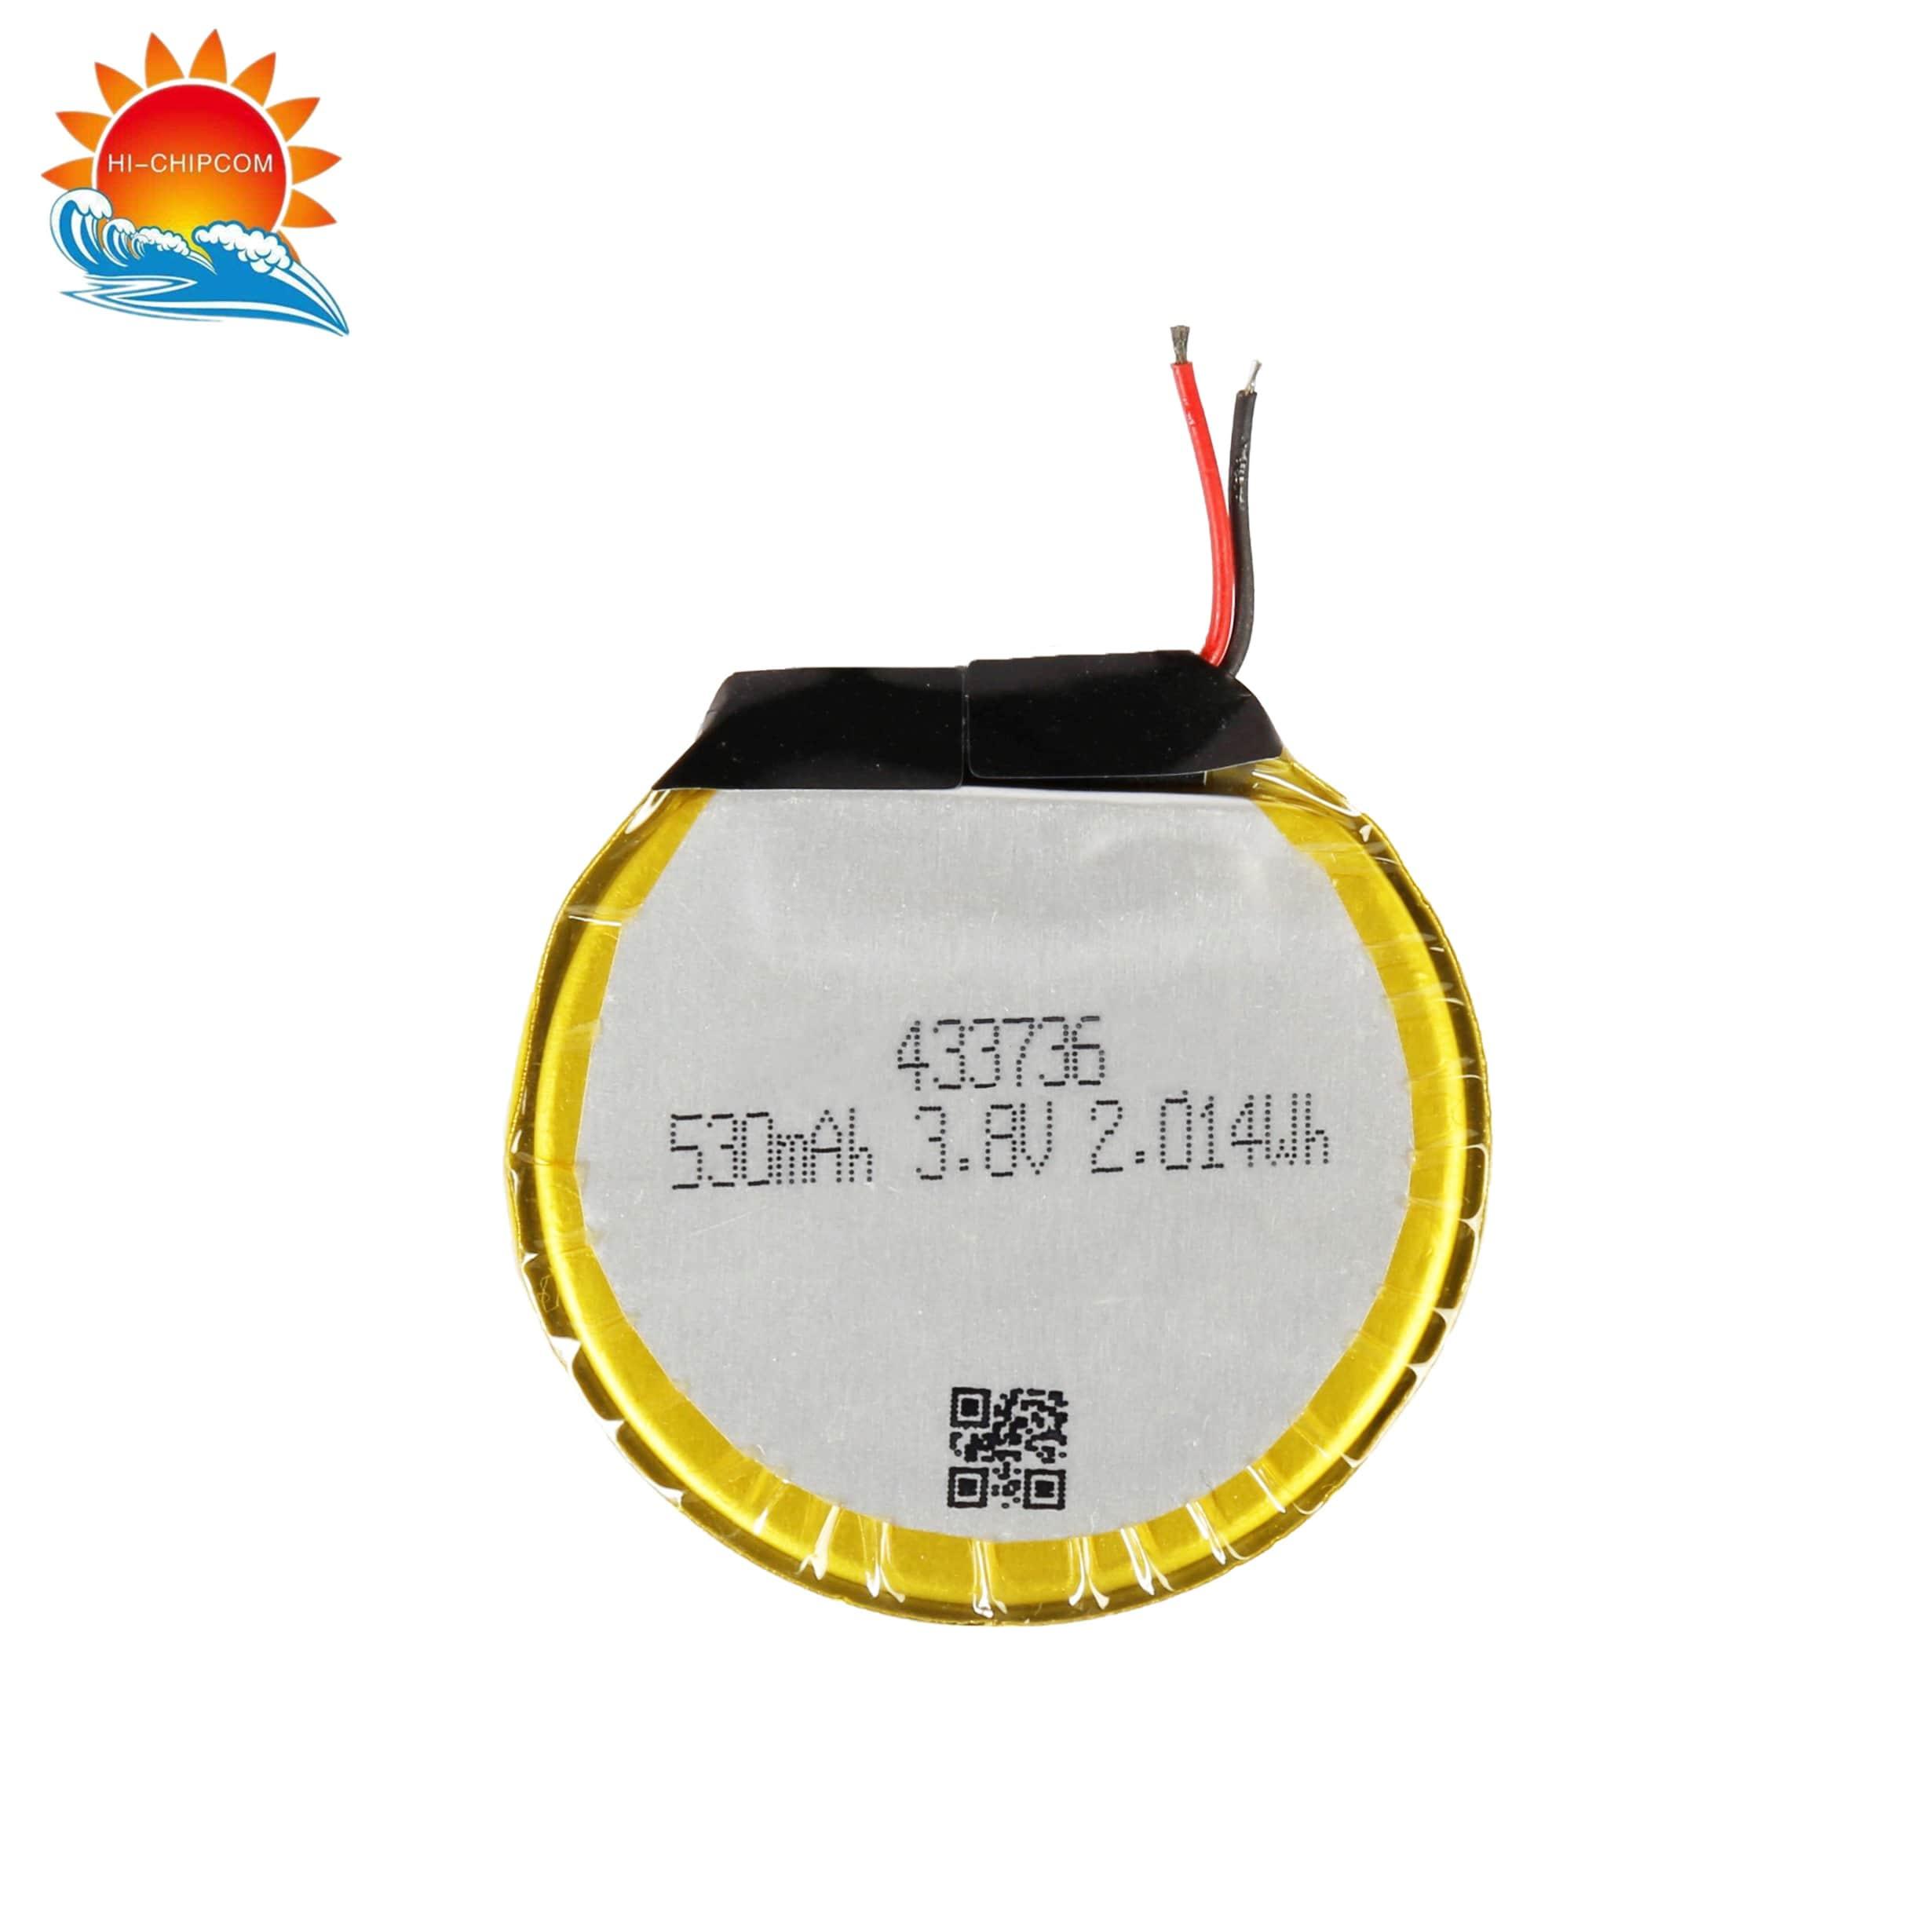 Smart Watch 530mAh Round Shaped Battery